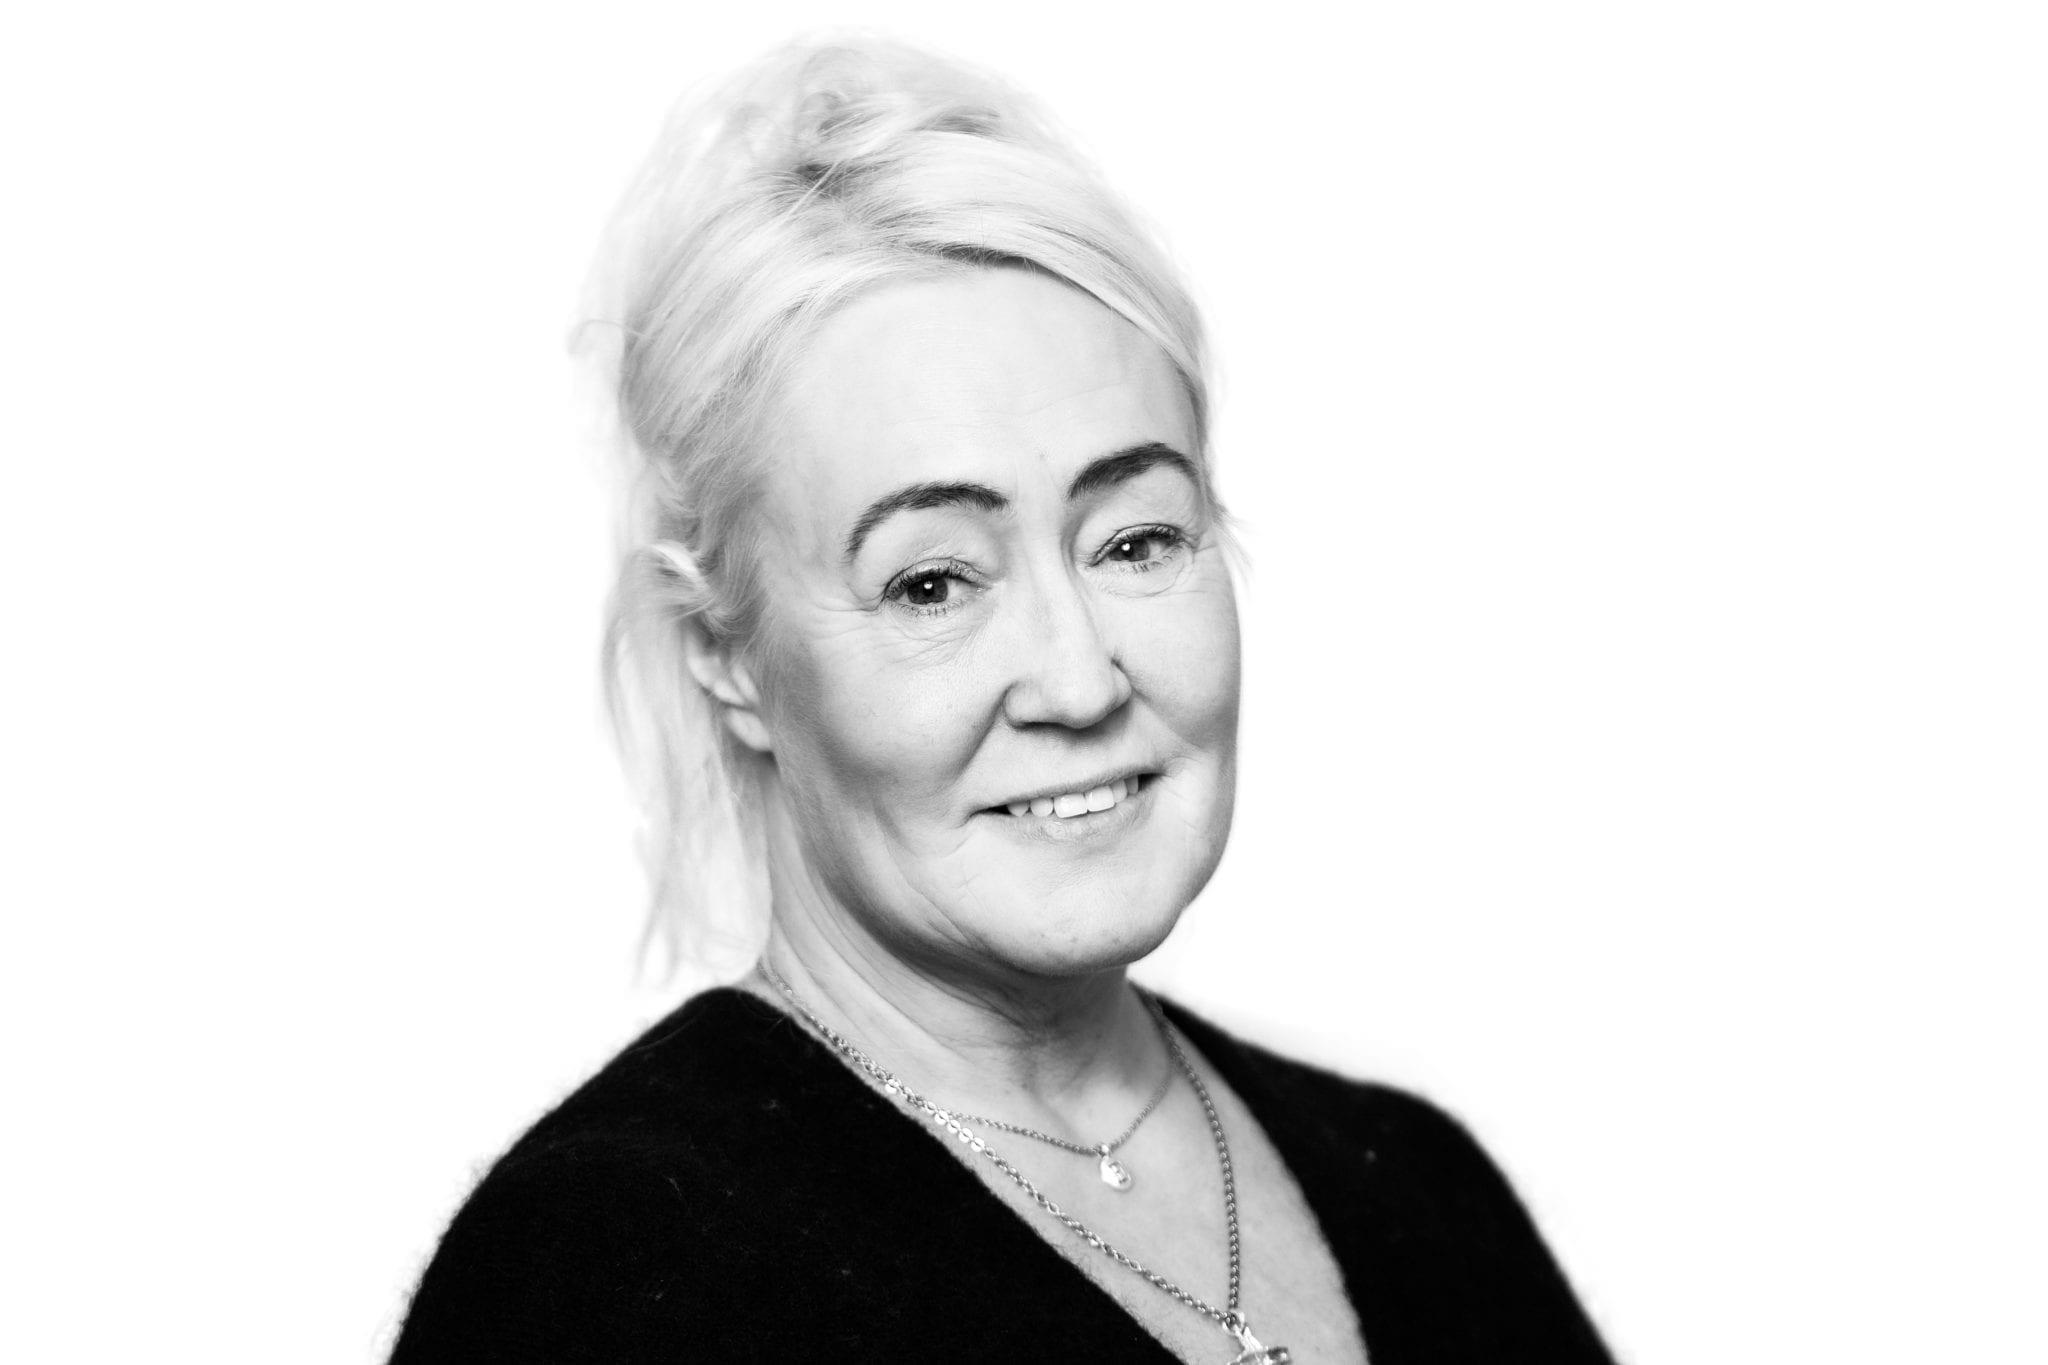 Eydís Björk Davíðsdóttir